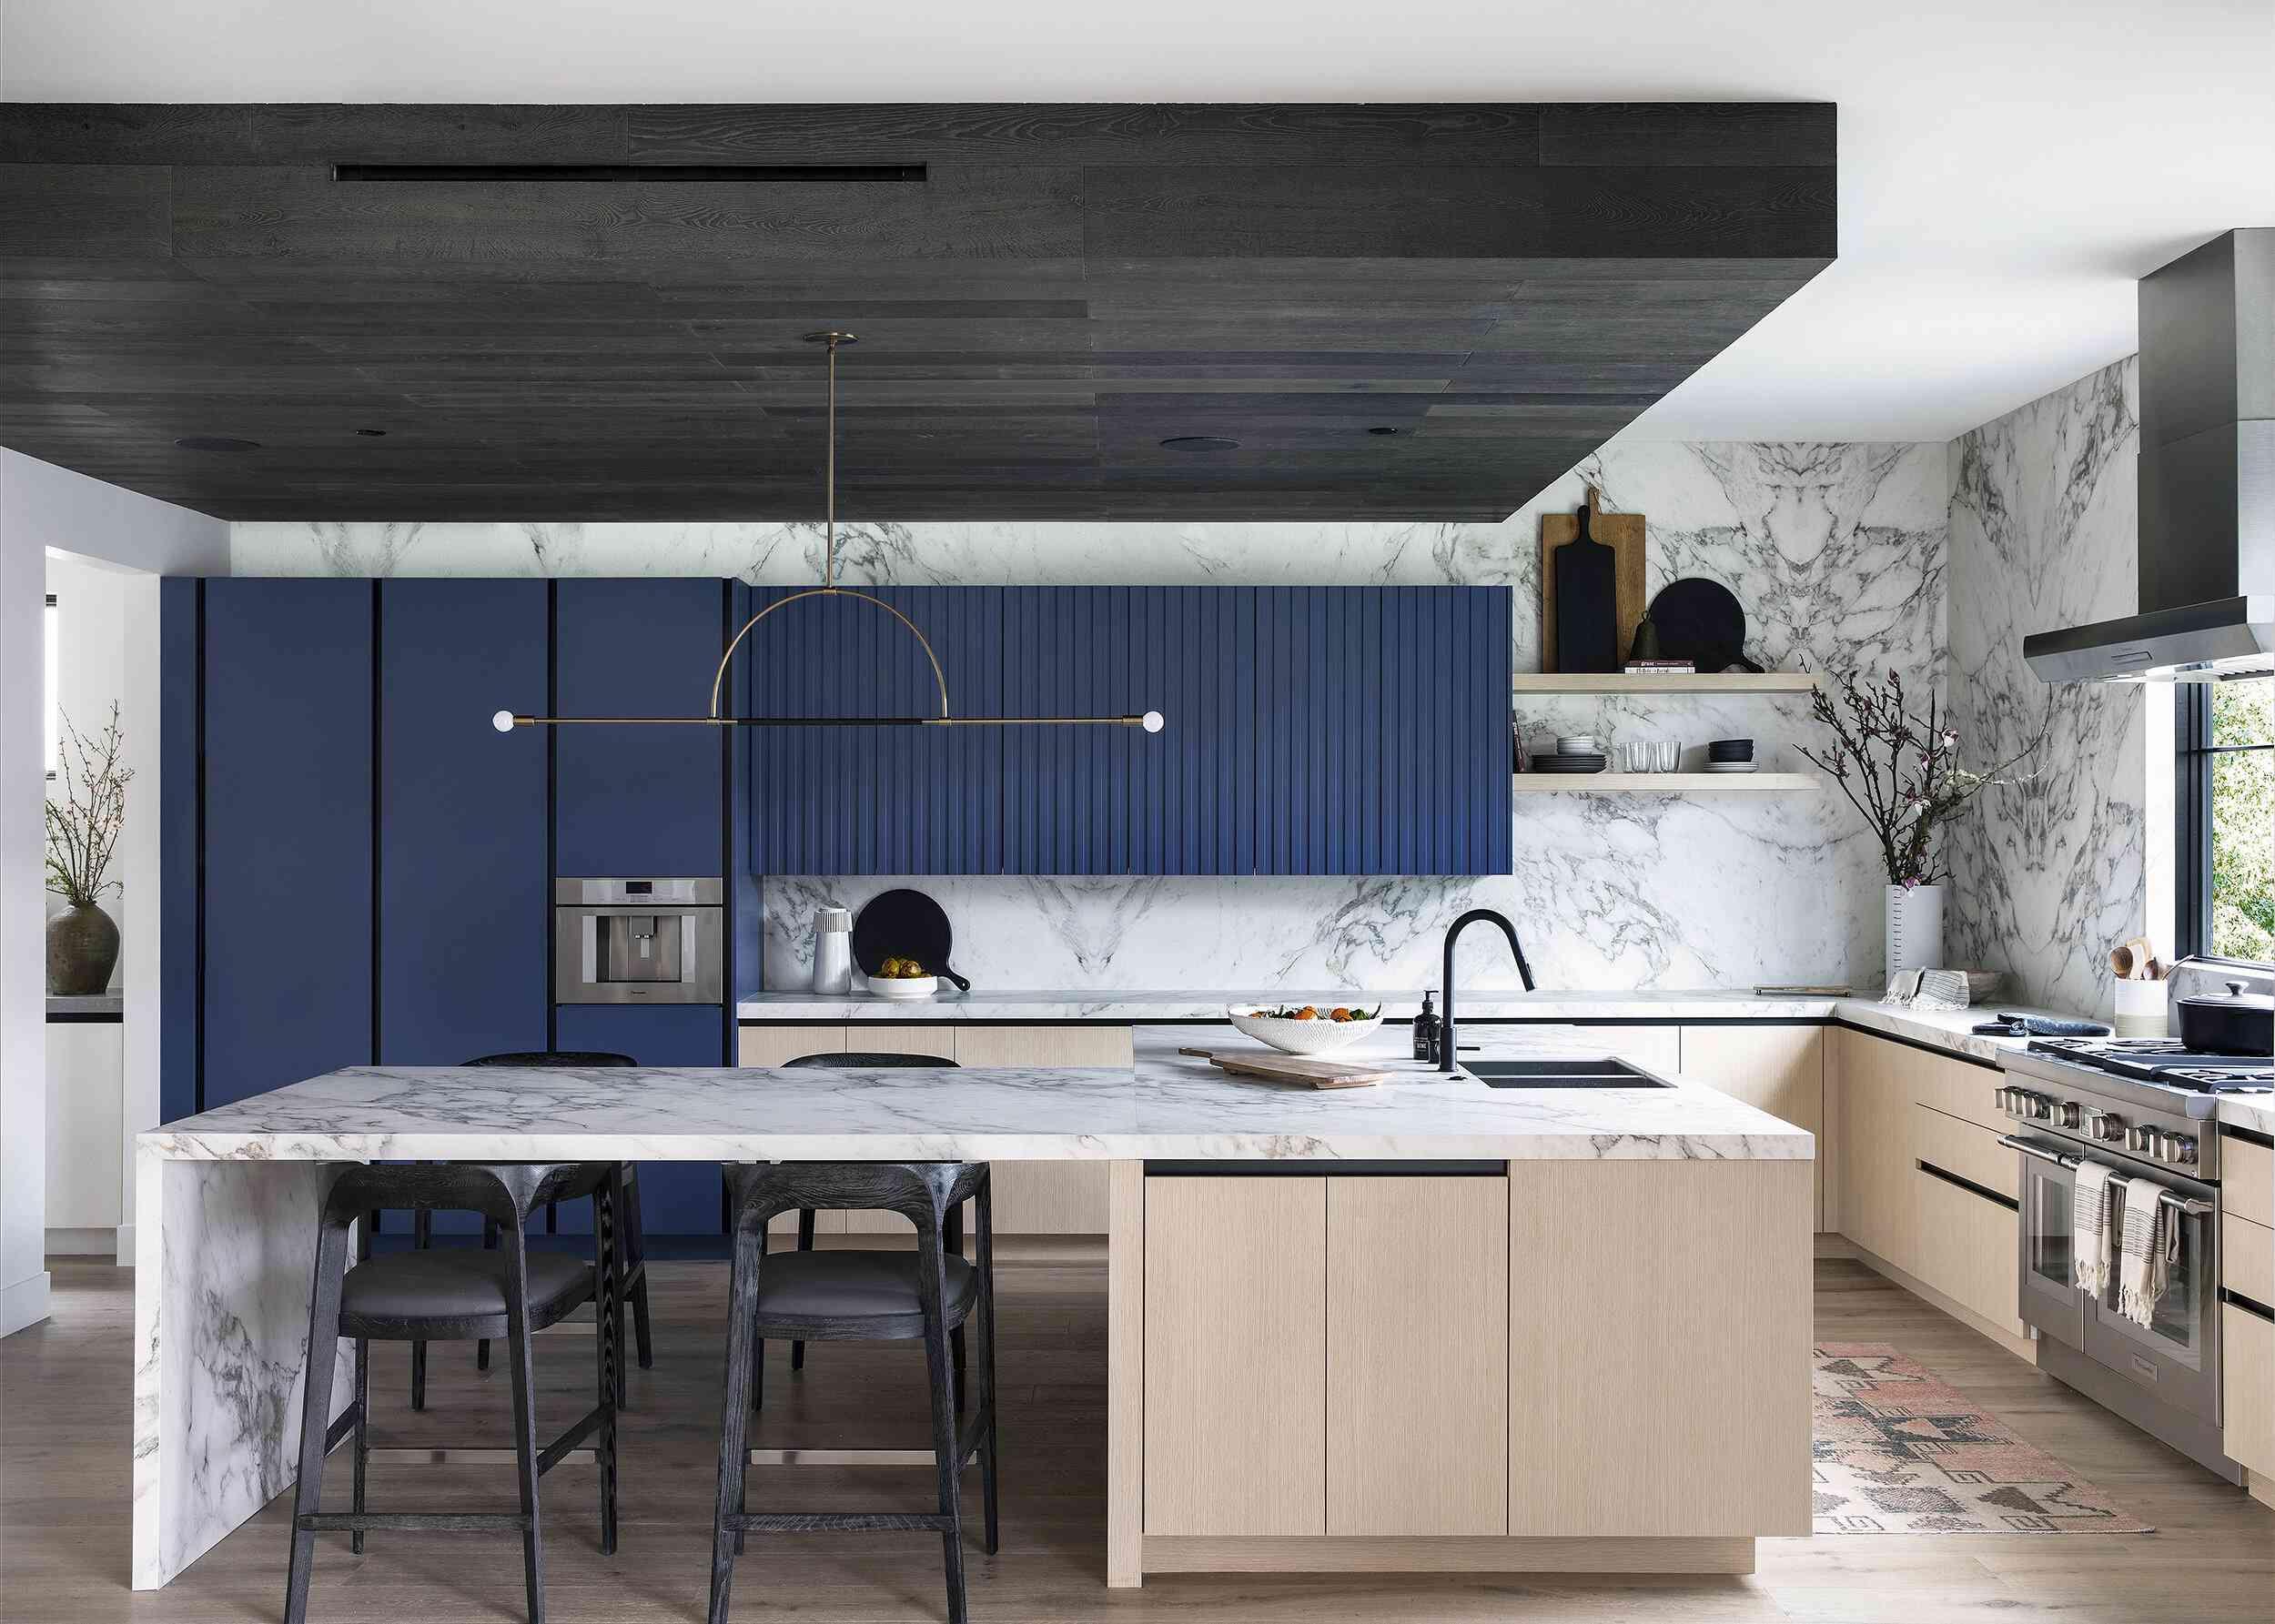 Sleek stone kitchen with minimal overhead light fixture